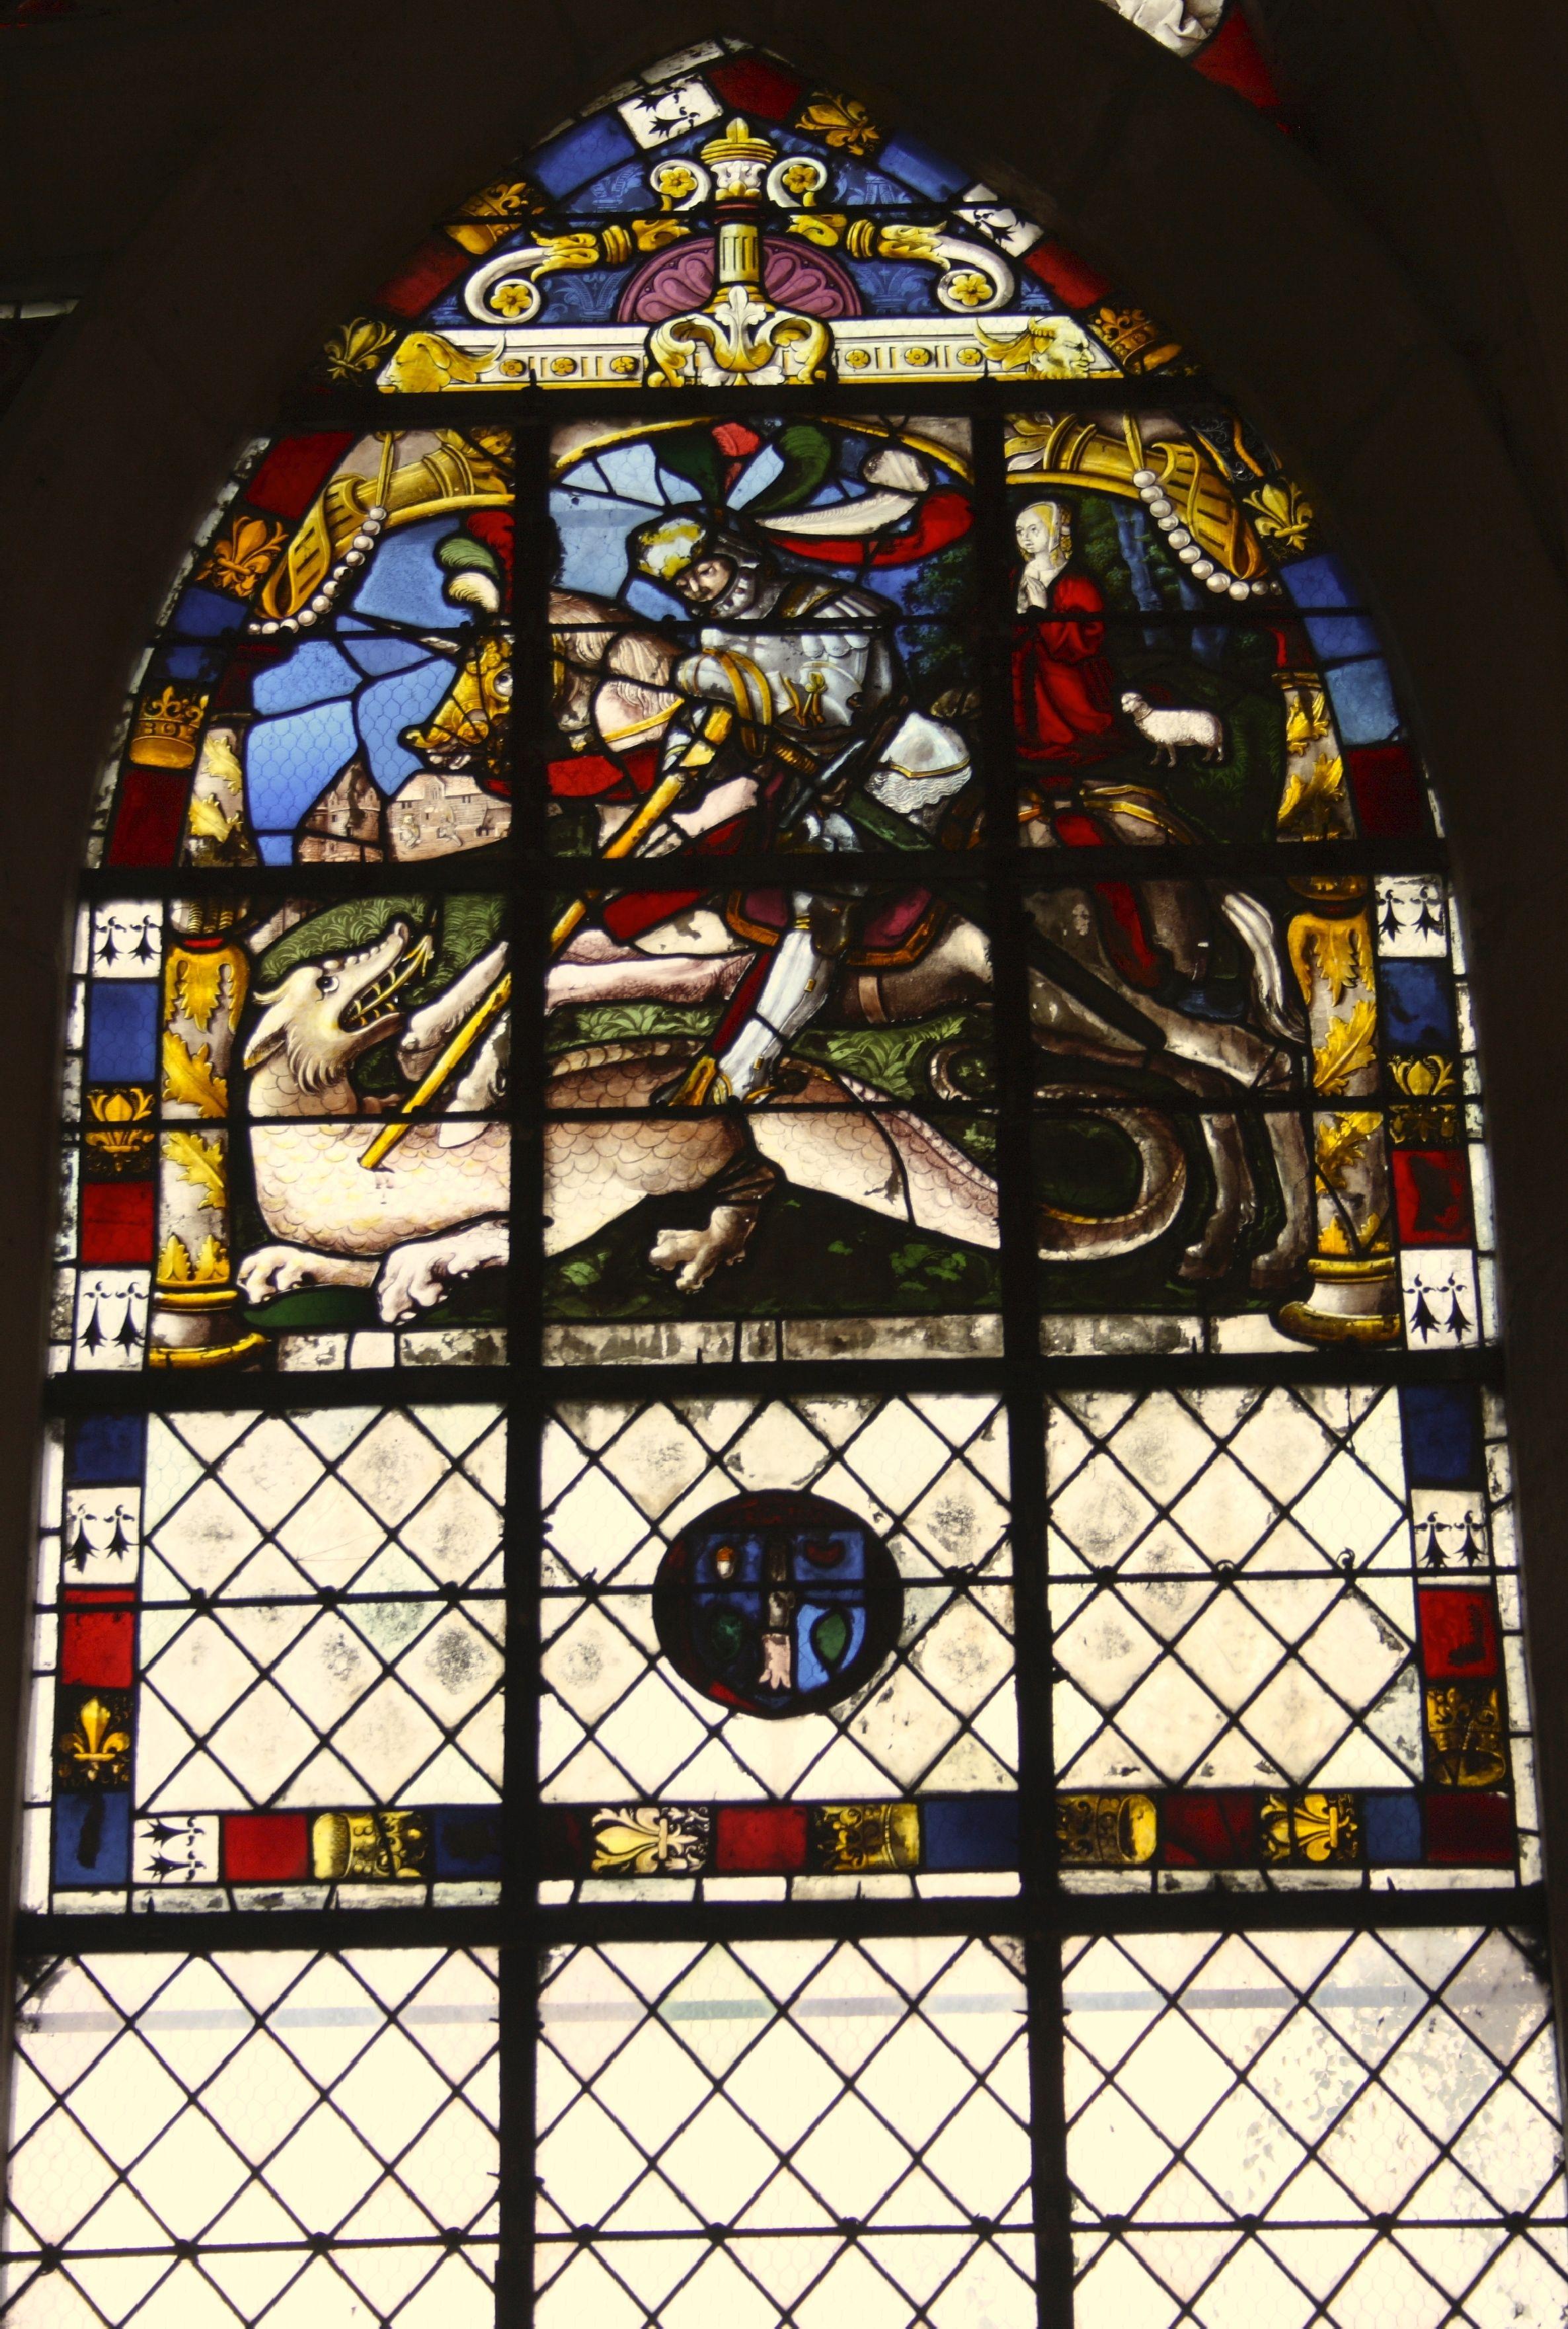 Ehemalige Kollegiatskirche Saint-Martin in Champeaux (Seine-et-Marne), Seine-et-Marne in der Region Île-de-France (Frankreich), Bleiglasfenster aus dem 16. Jahrhundert, hl. Georg